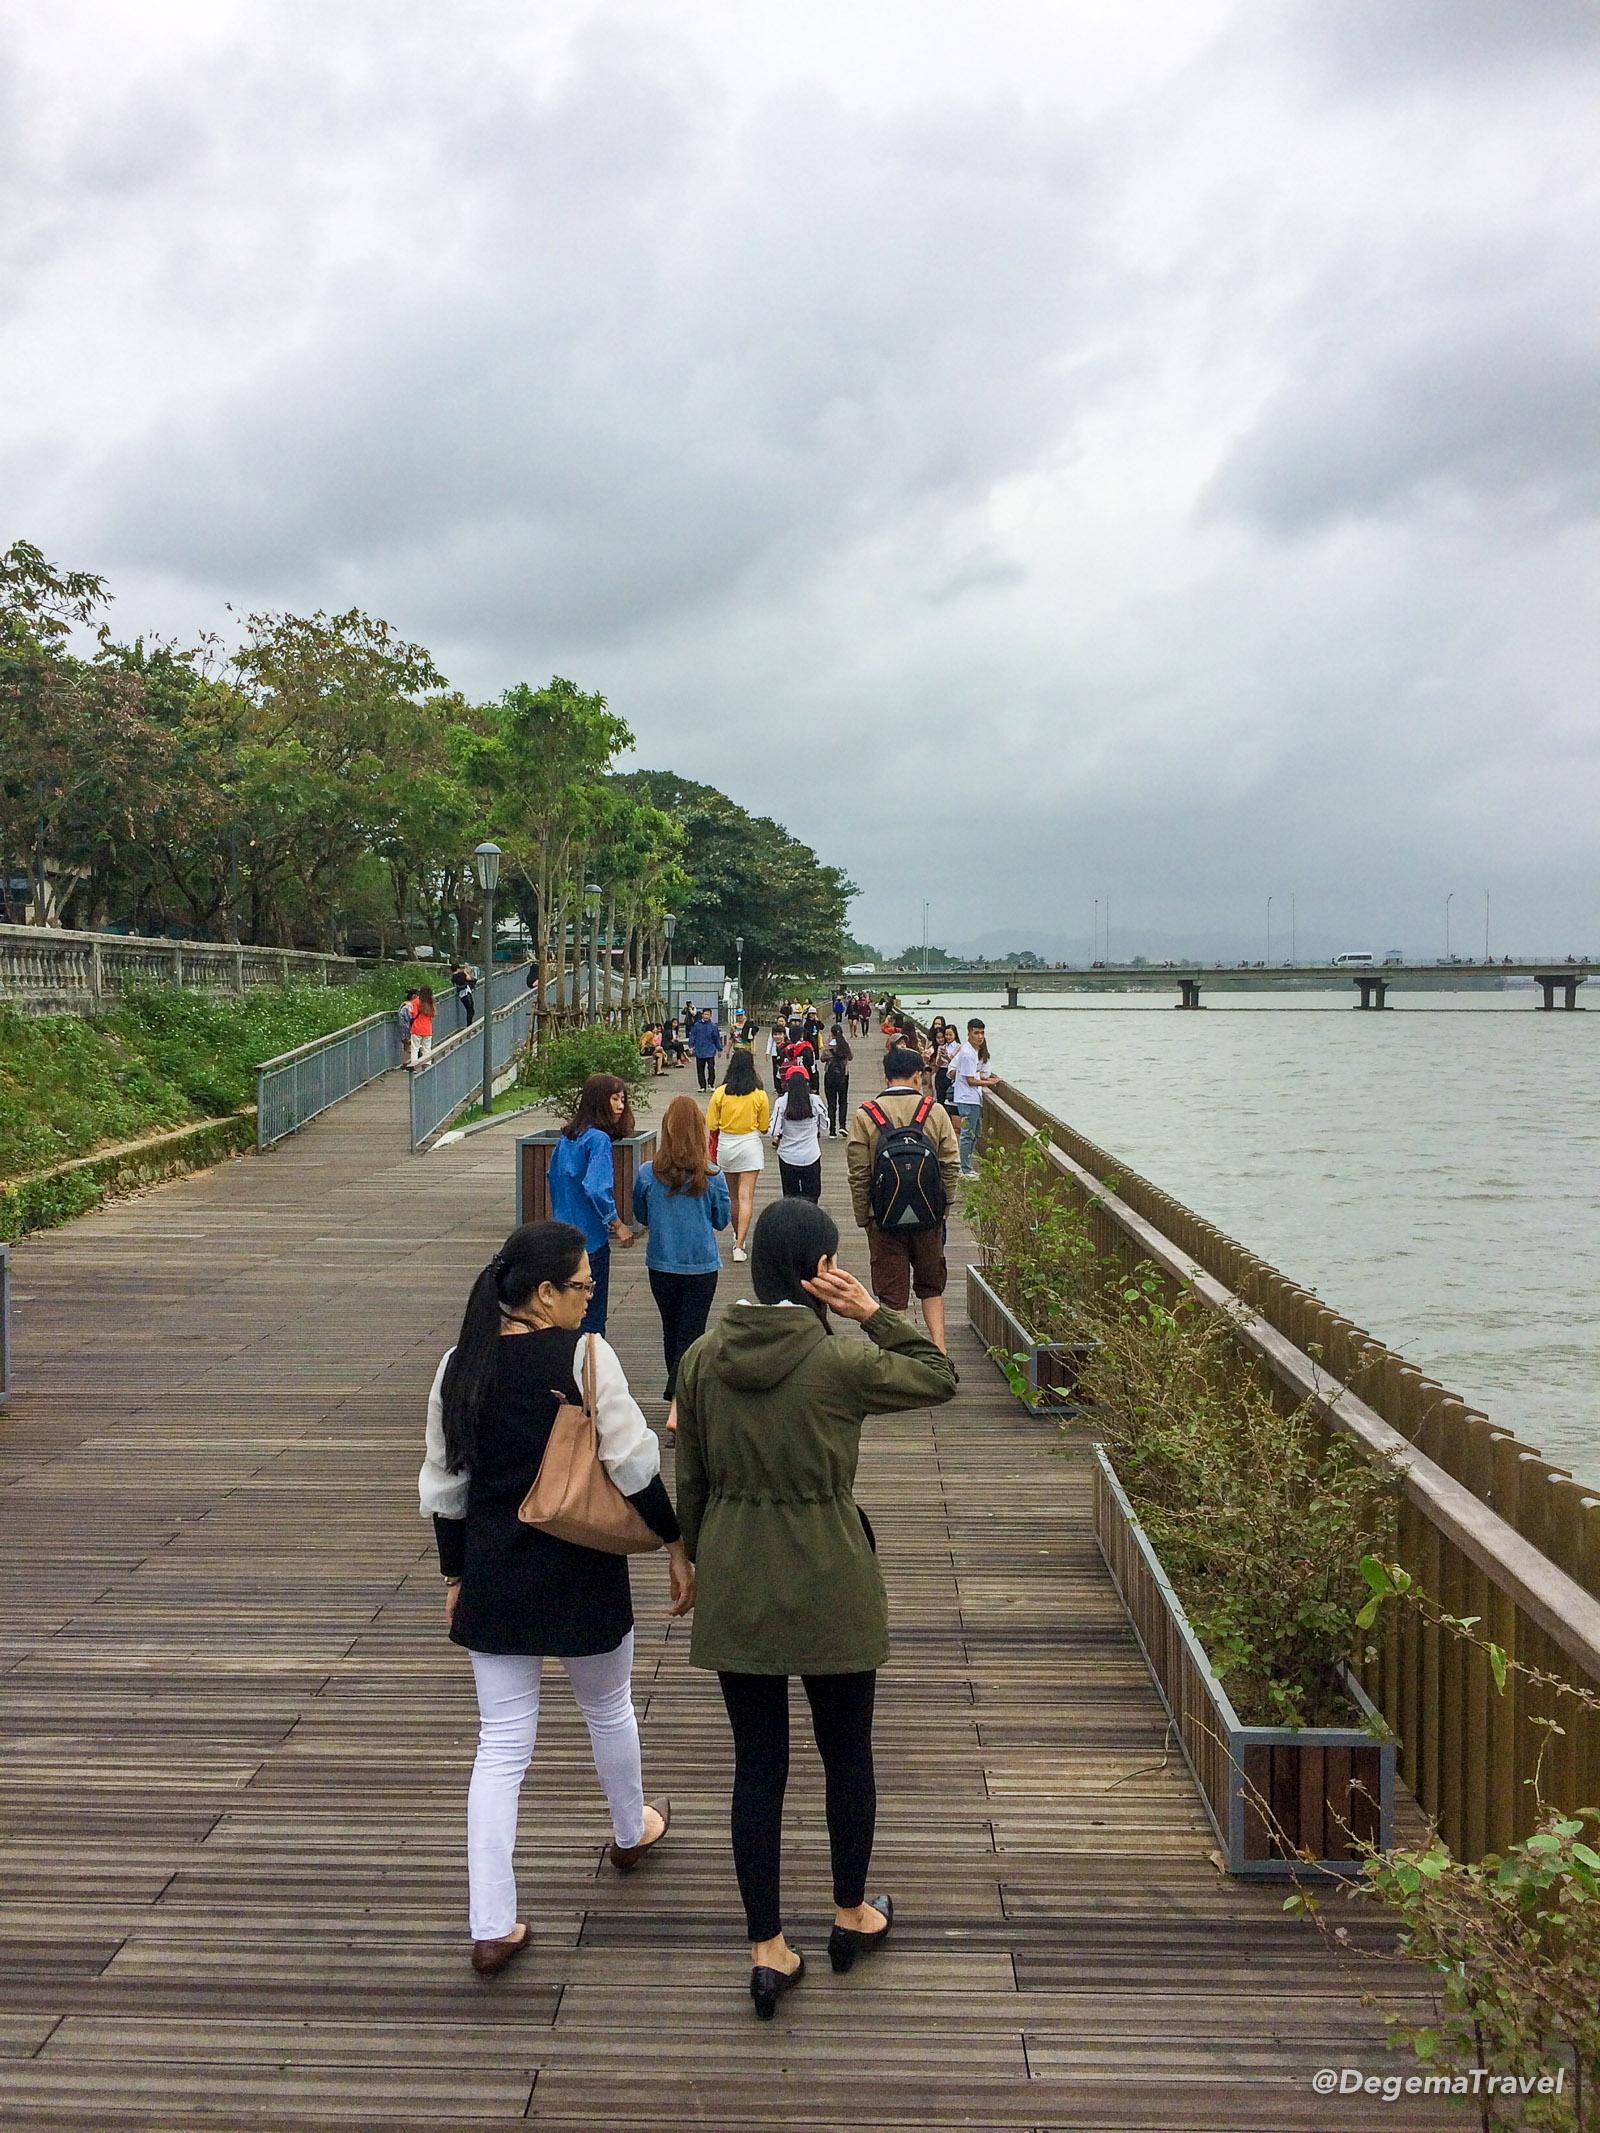 Cầu đi bộ sông Hương by the Perfume River in Hue, Vietnam